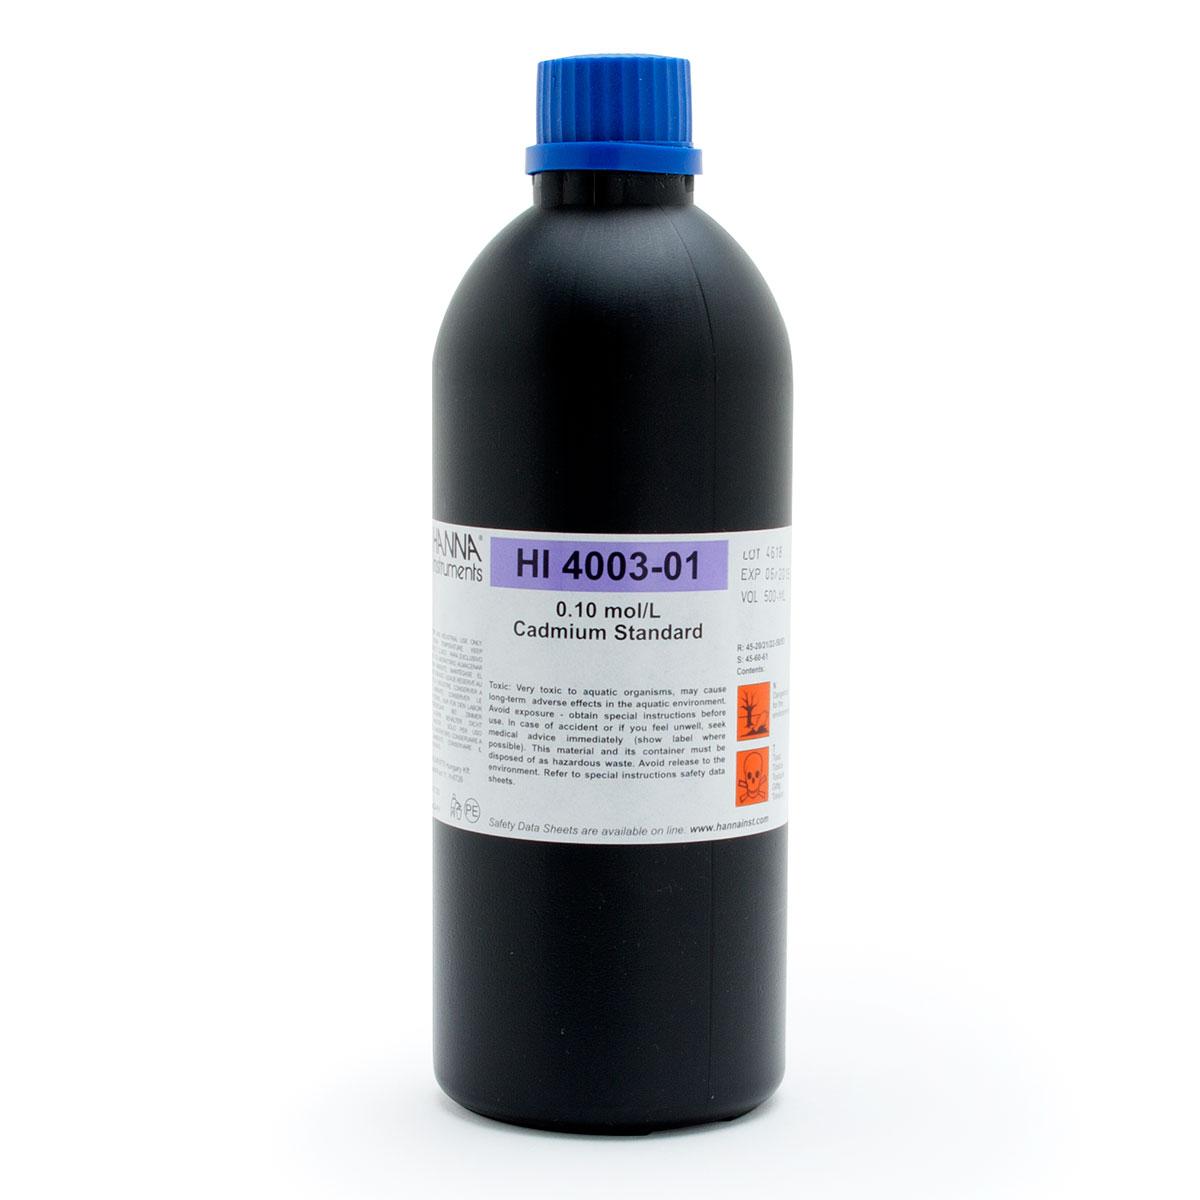 HI4003-01 Cadmium Standard 0.1M (500 mL)